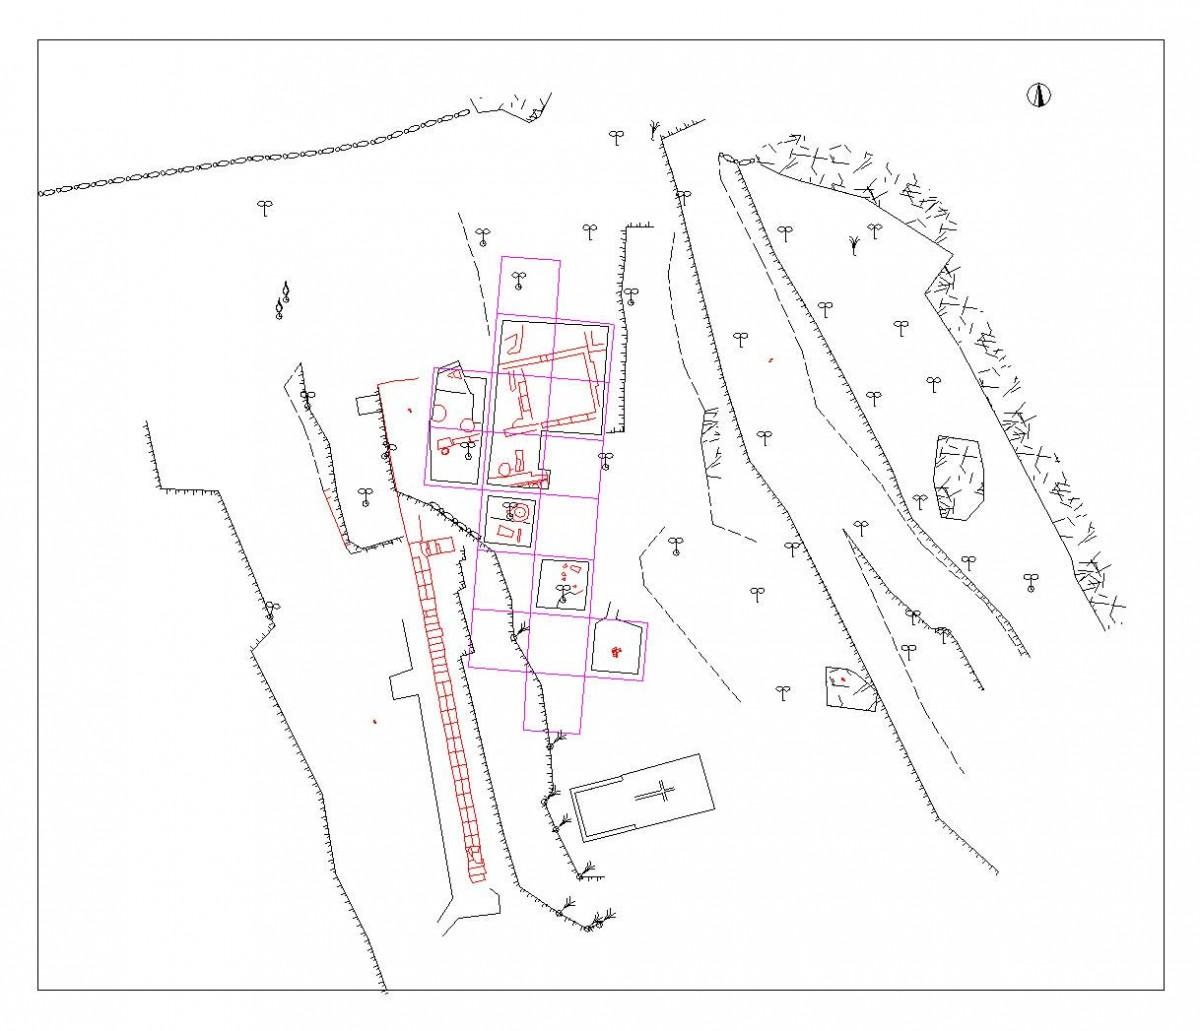 Εικ. 9. Τοπογραφική αποτύπωση του ανδήρου με τη διάταξη των κτιρίων.